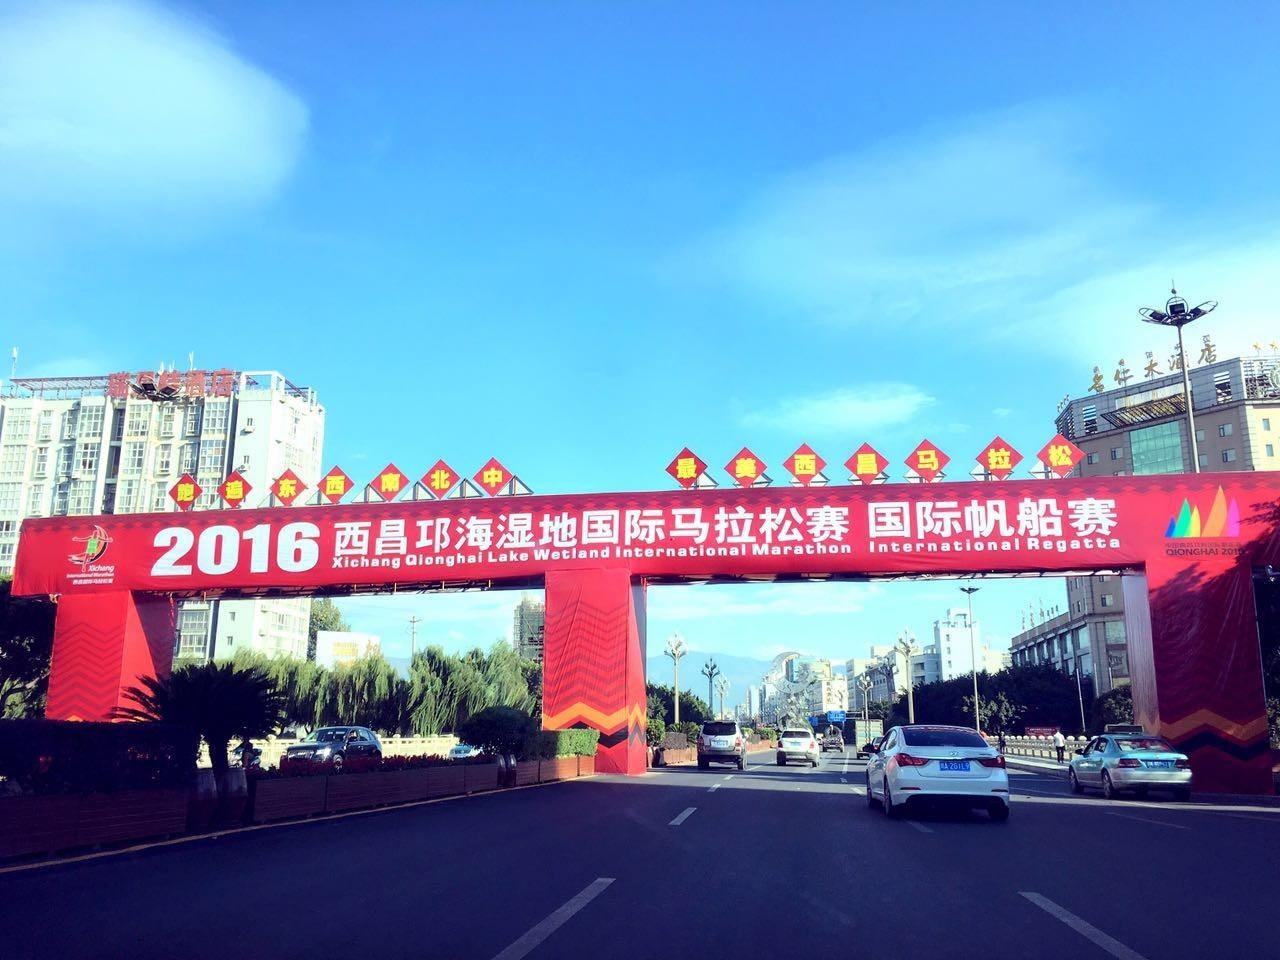 2016中国西昌邛海国际帆船赛今日拉开帷幕! 49a629169a5c93db6f1508b2b6ae0433.jpg